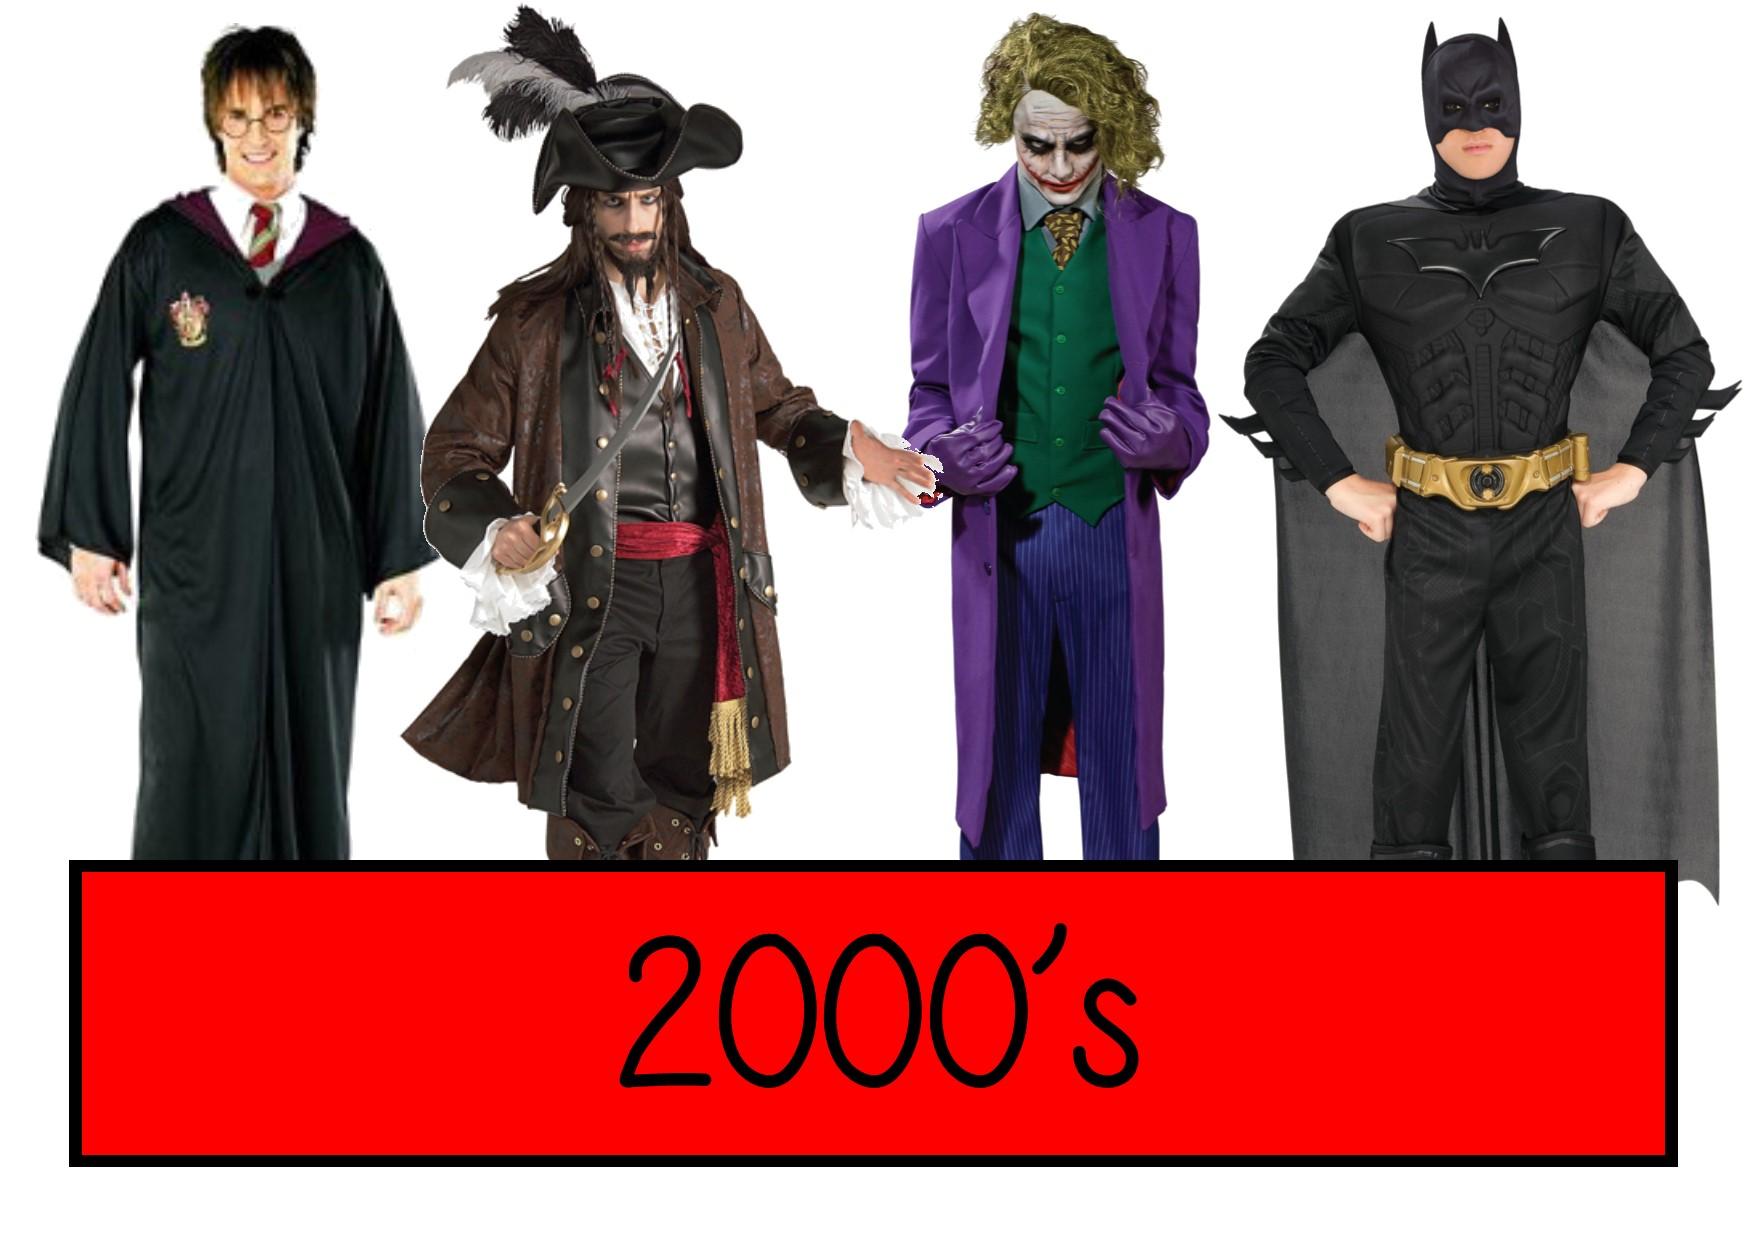 2000s fancy dress ideas